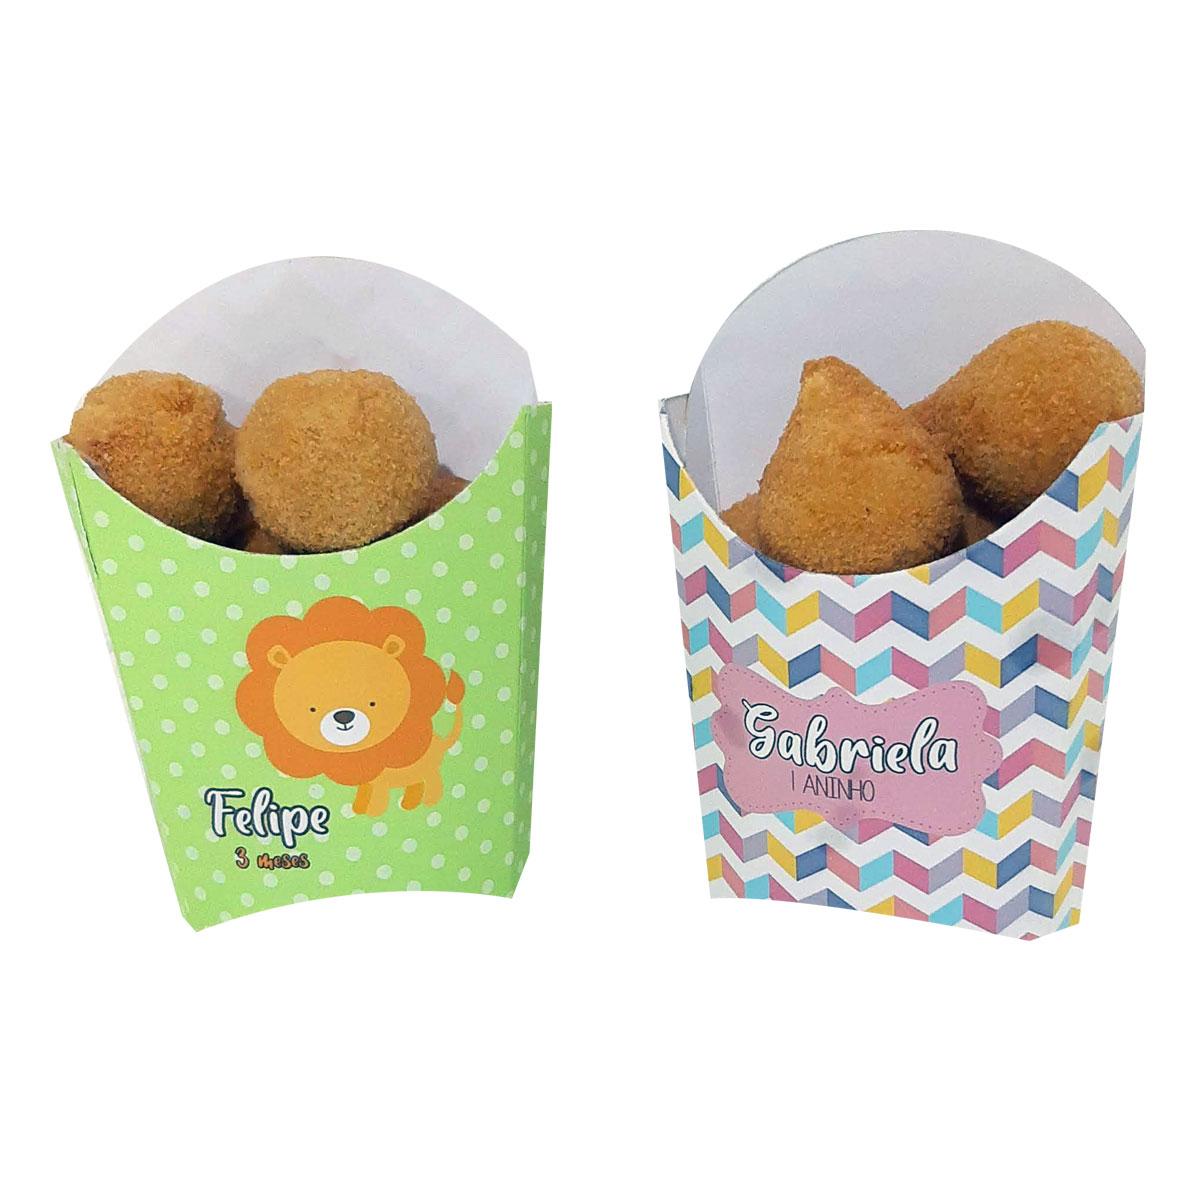 10x Caixa Batata Frita Personalizada  - Pacote com 10 unidades